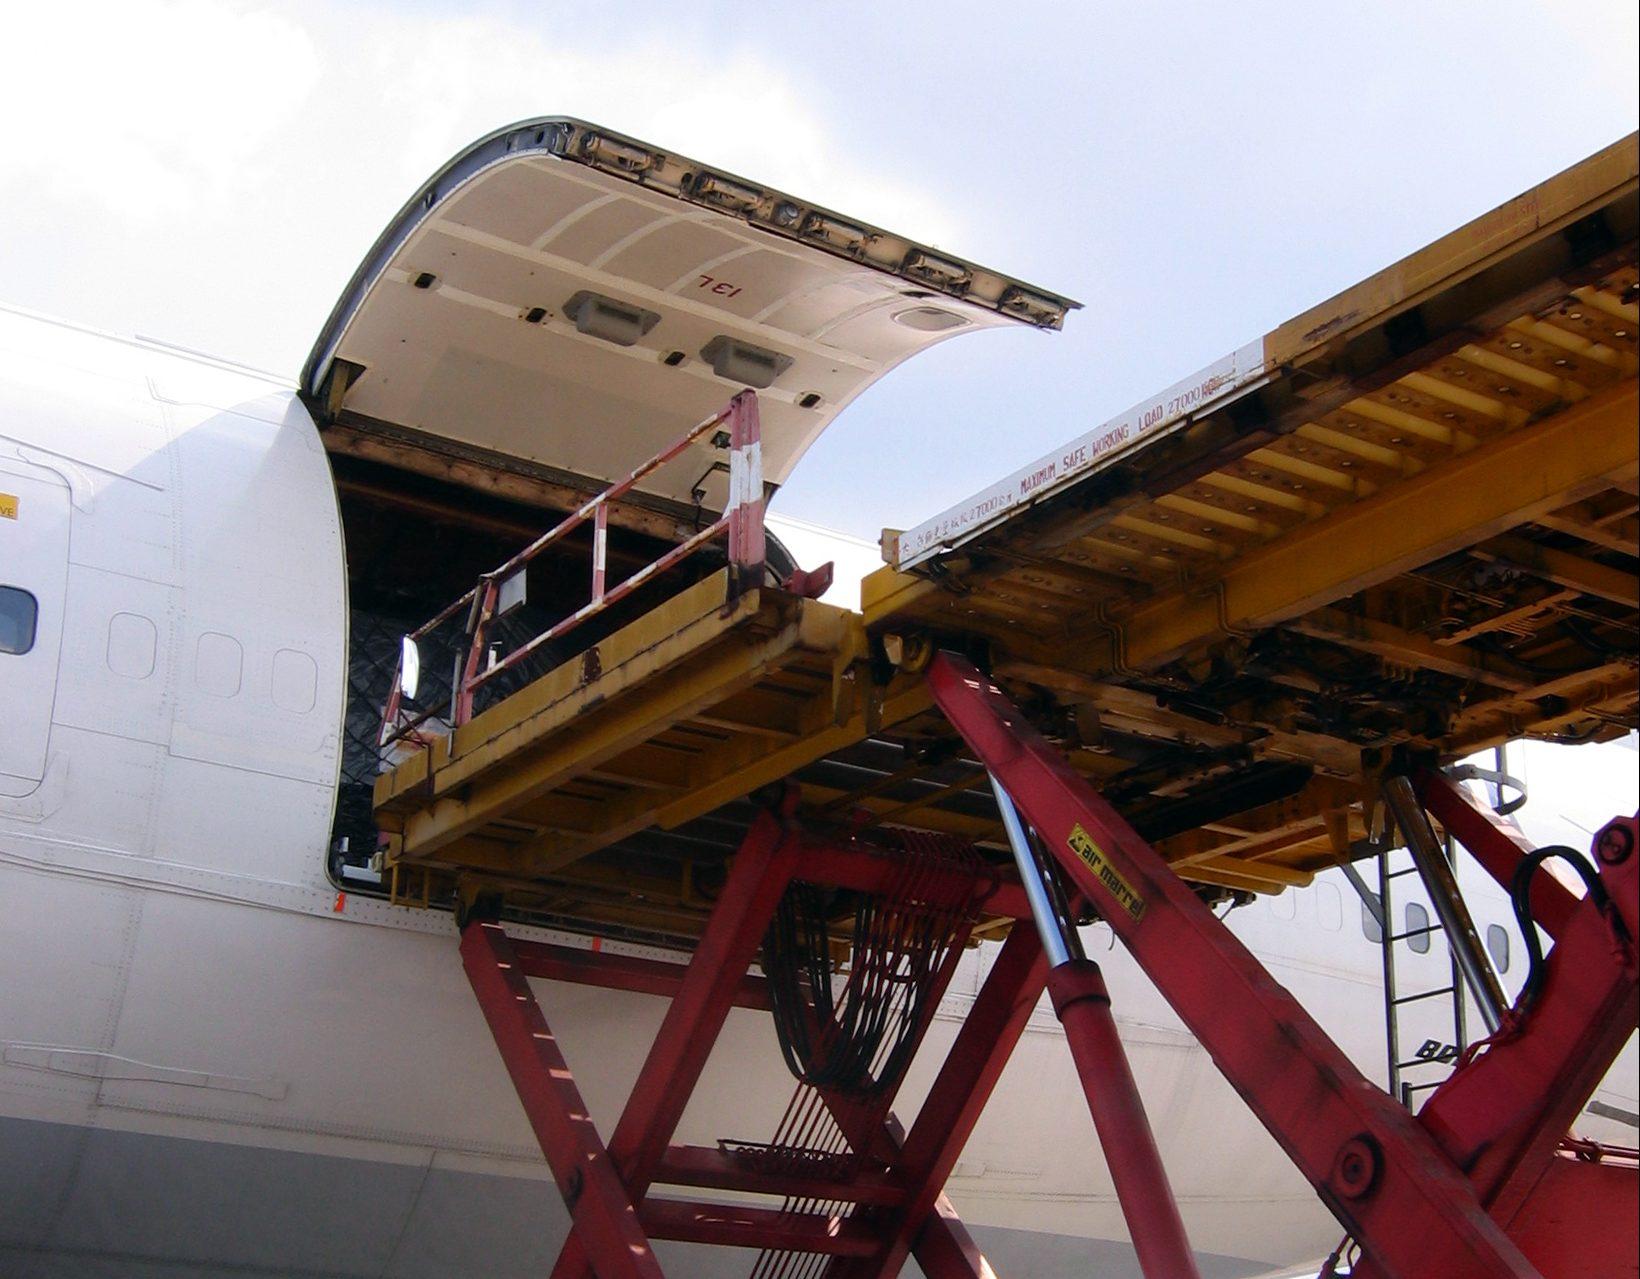 Transporte aéreo de cargas cresce 1,4% em 2013